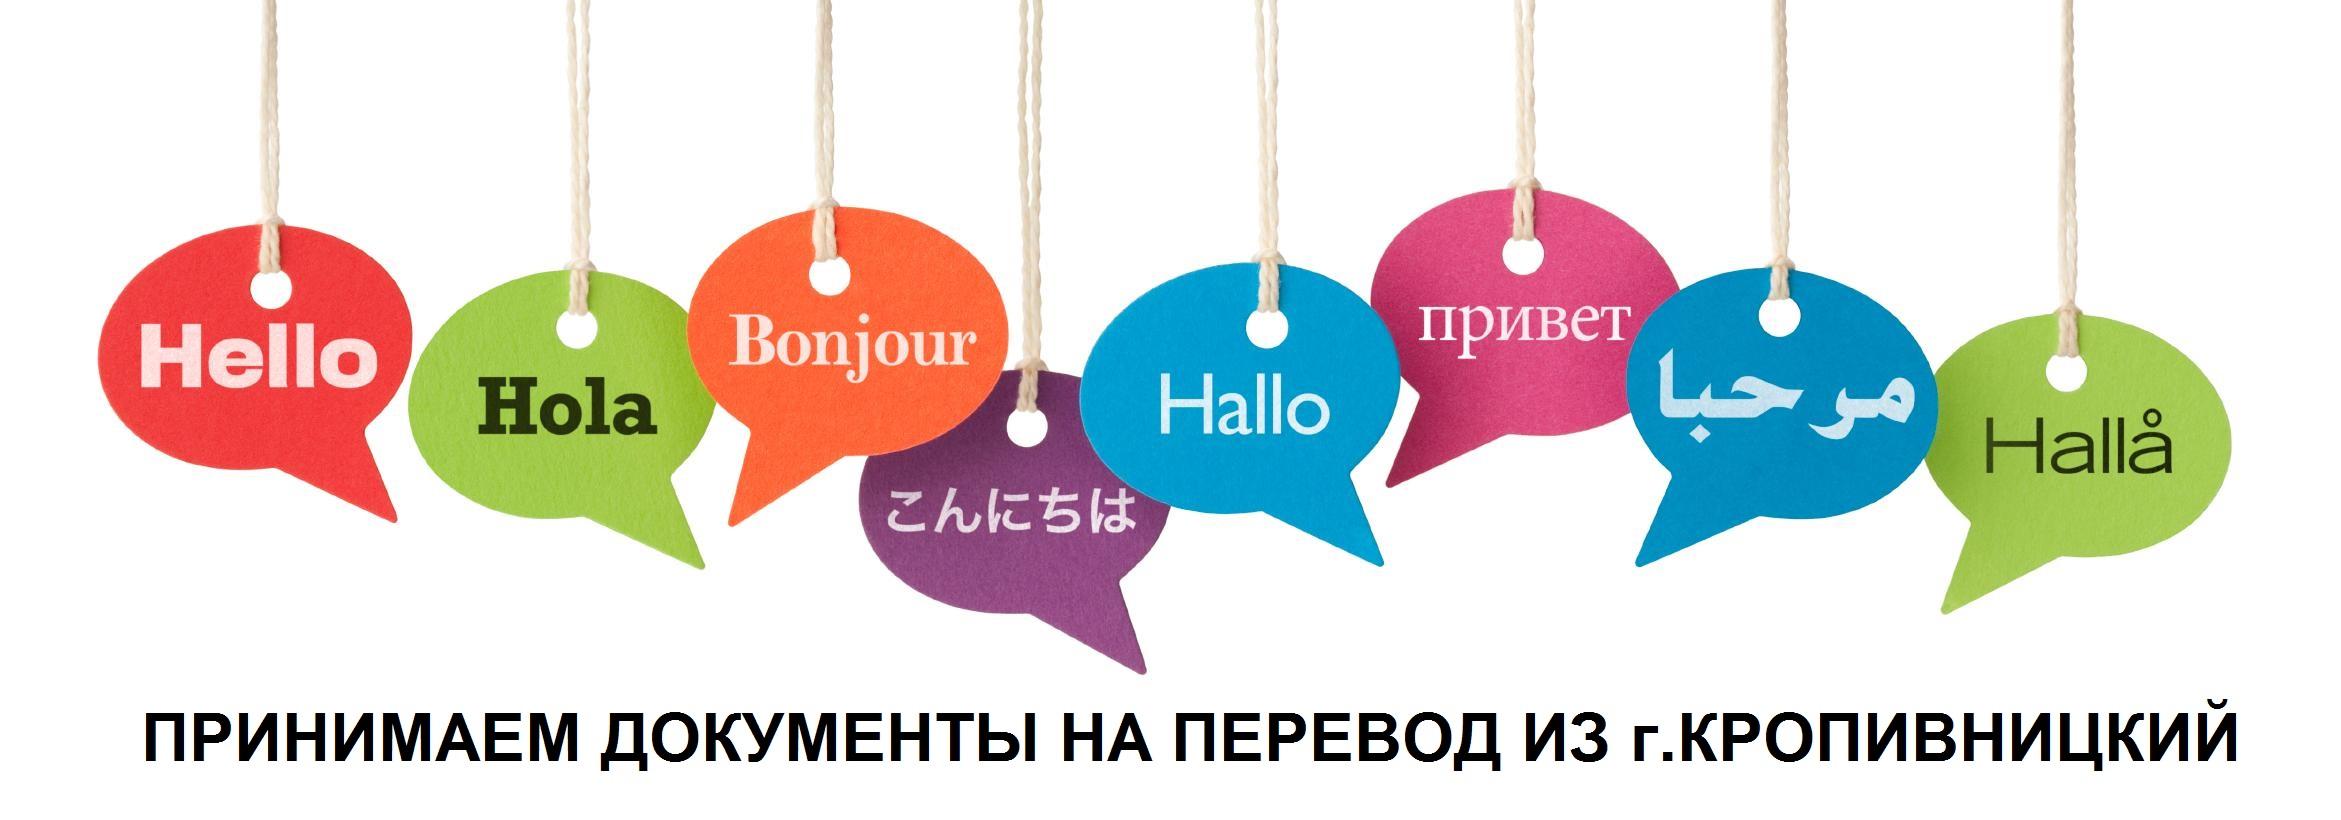 ПРИНИМАЕМ ДОКУМЕНТЫ НА ПЕРЕВОД ИЗ г.КРОПИВНИЦКИЙ - SpravkaInform.com.ua